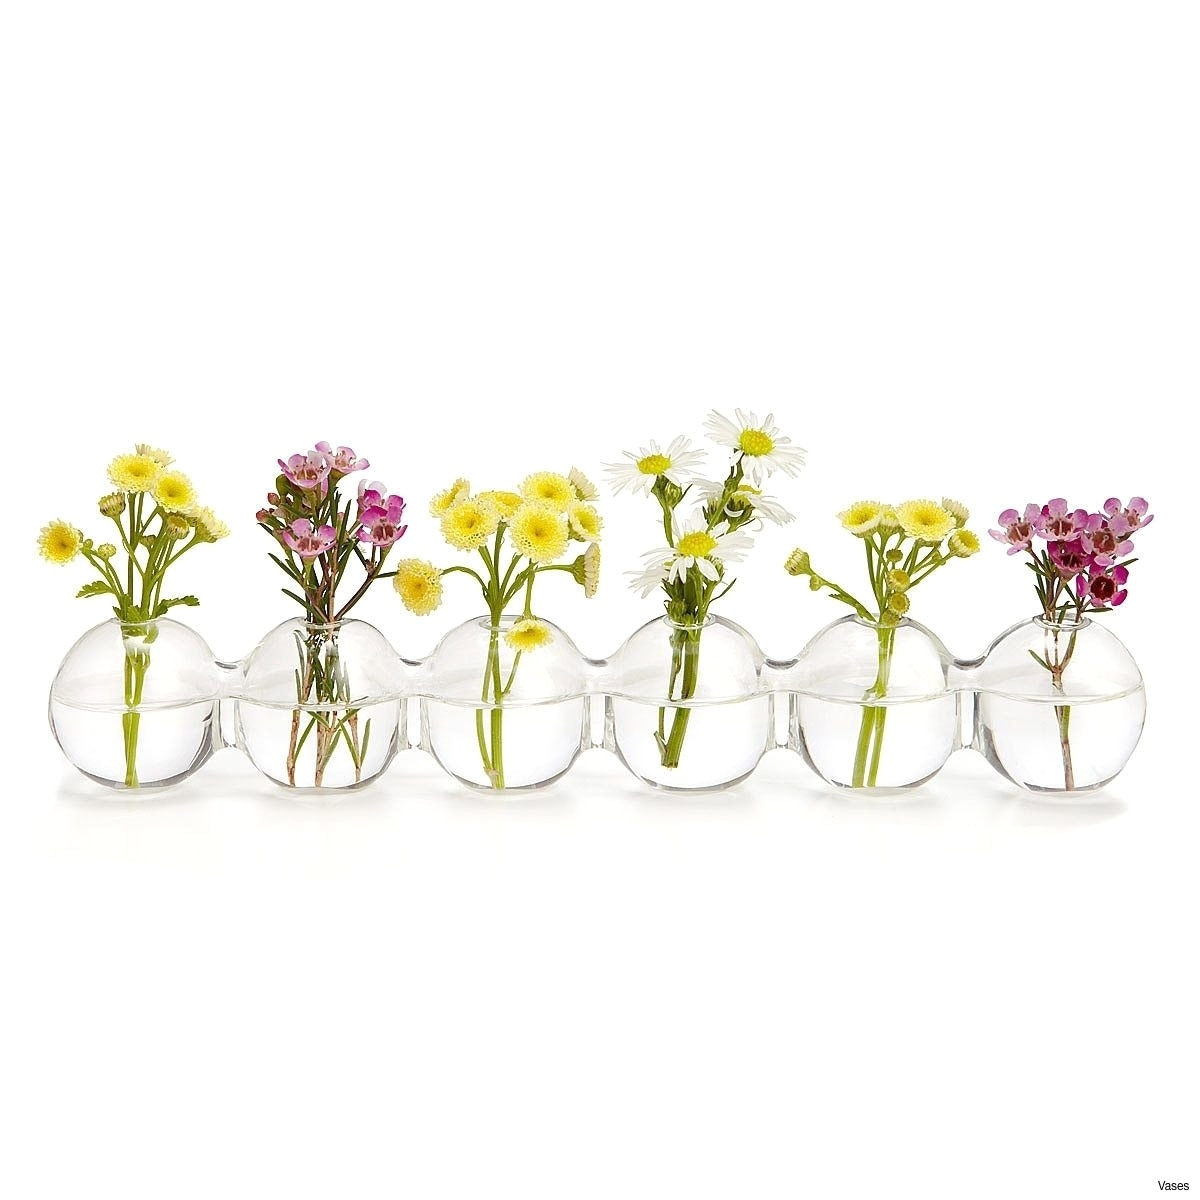 bud vase in 28case 29 glass 29h vases small bulk case i 0d scheme